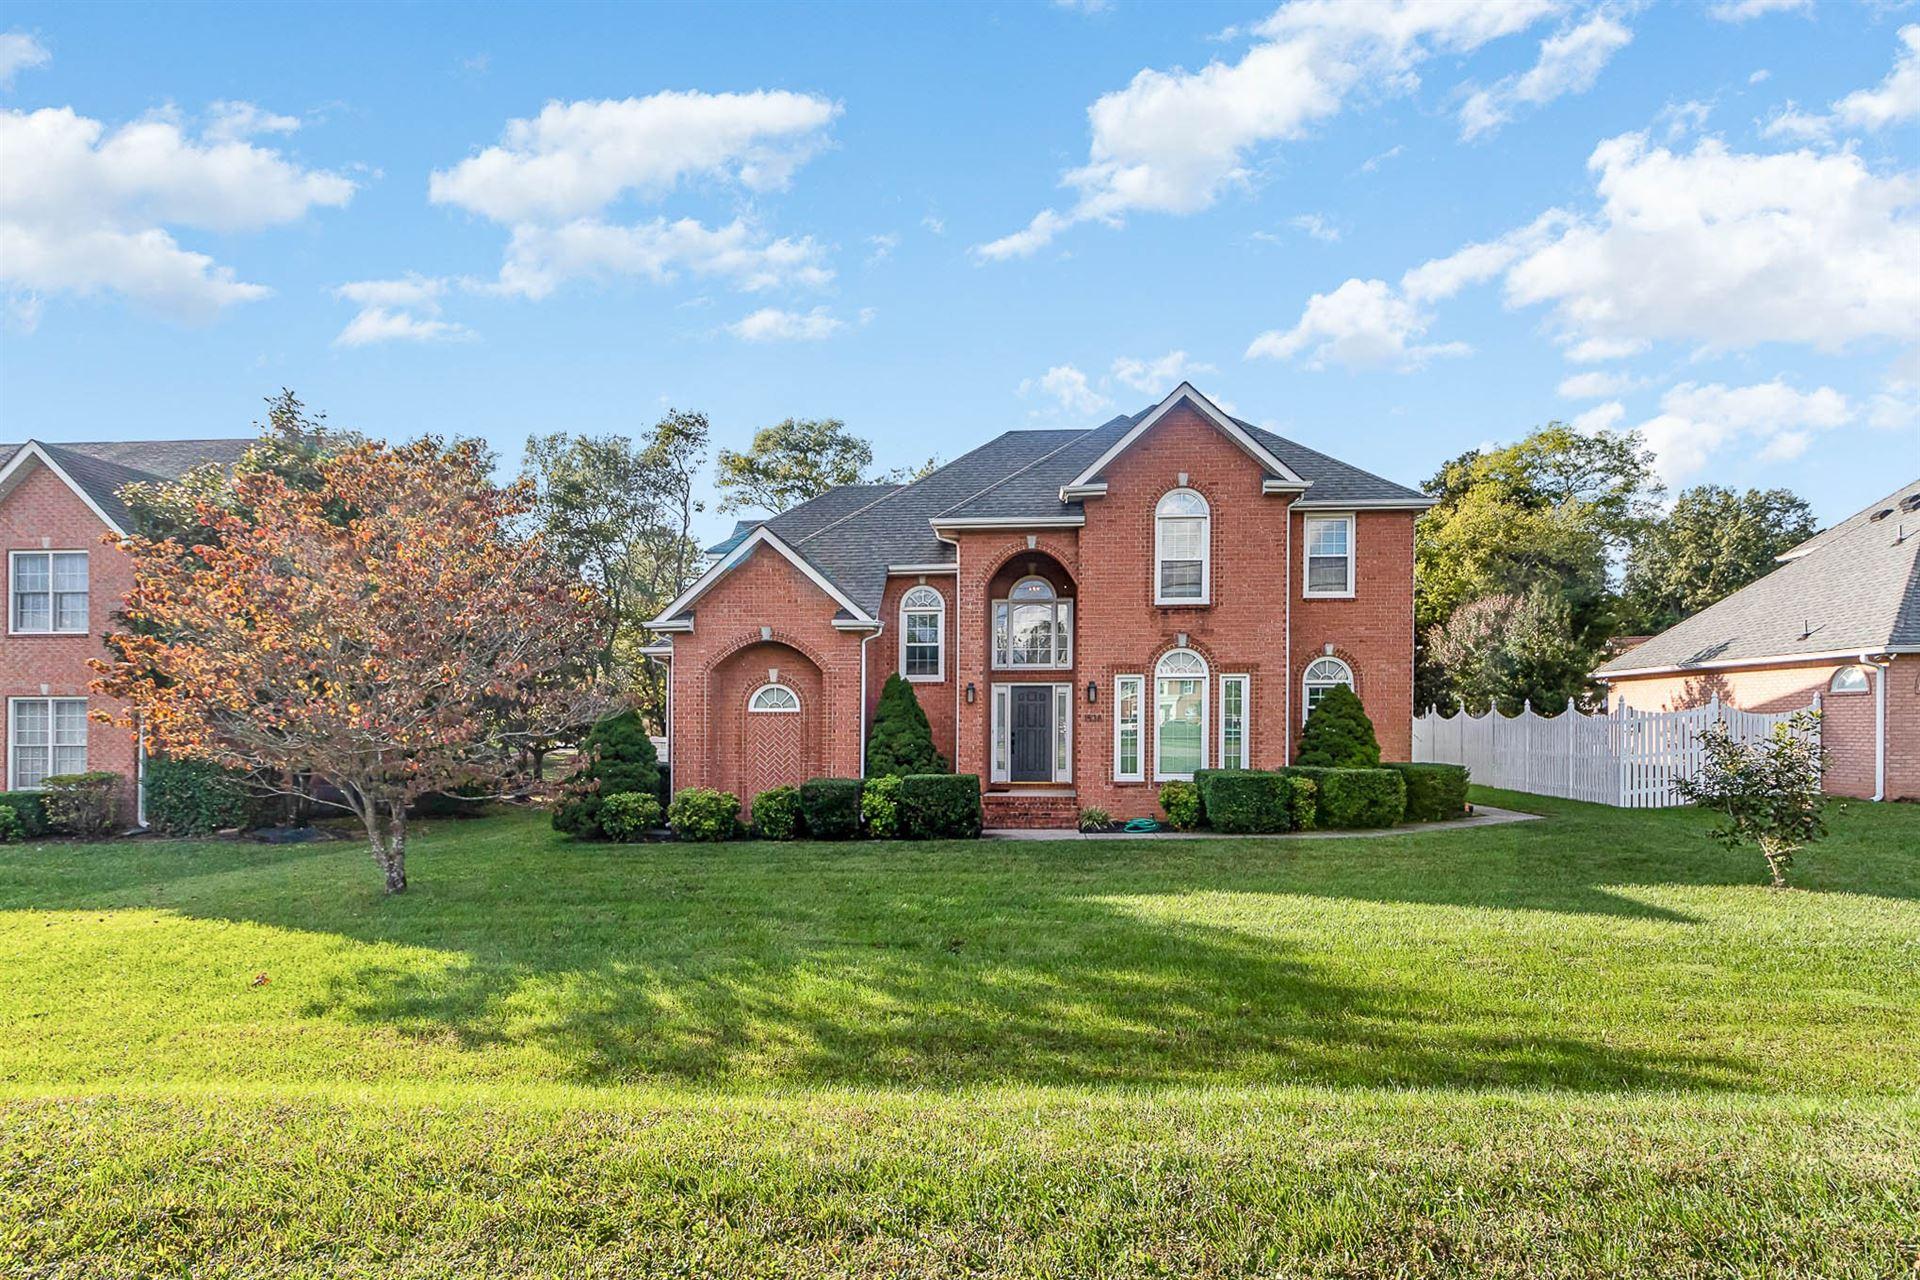 1538 W Northfield Blvd, Murfreesboro, TN 37129 - MLS#: 2300951